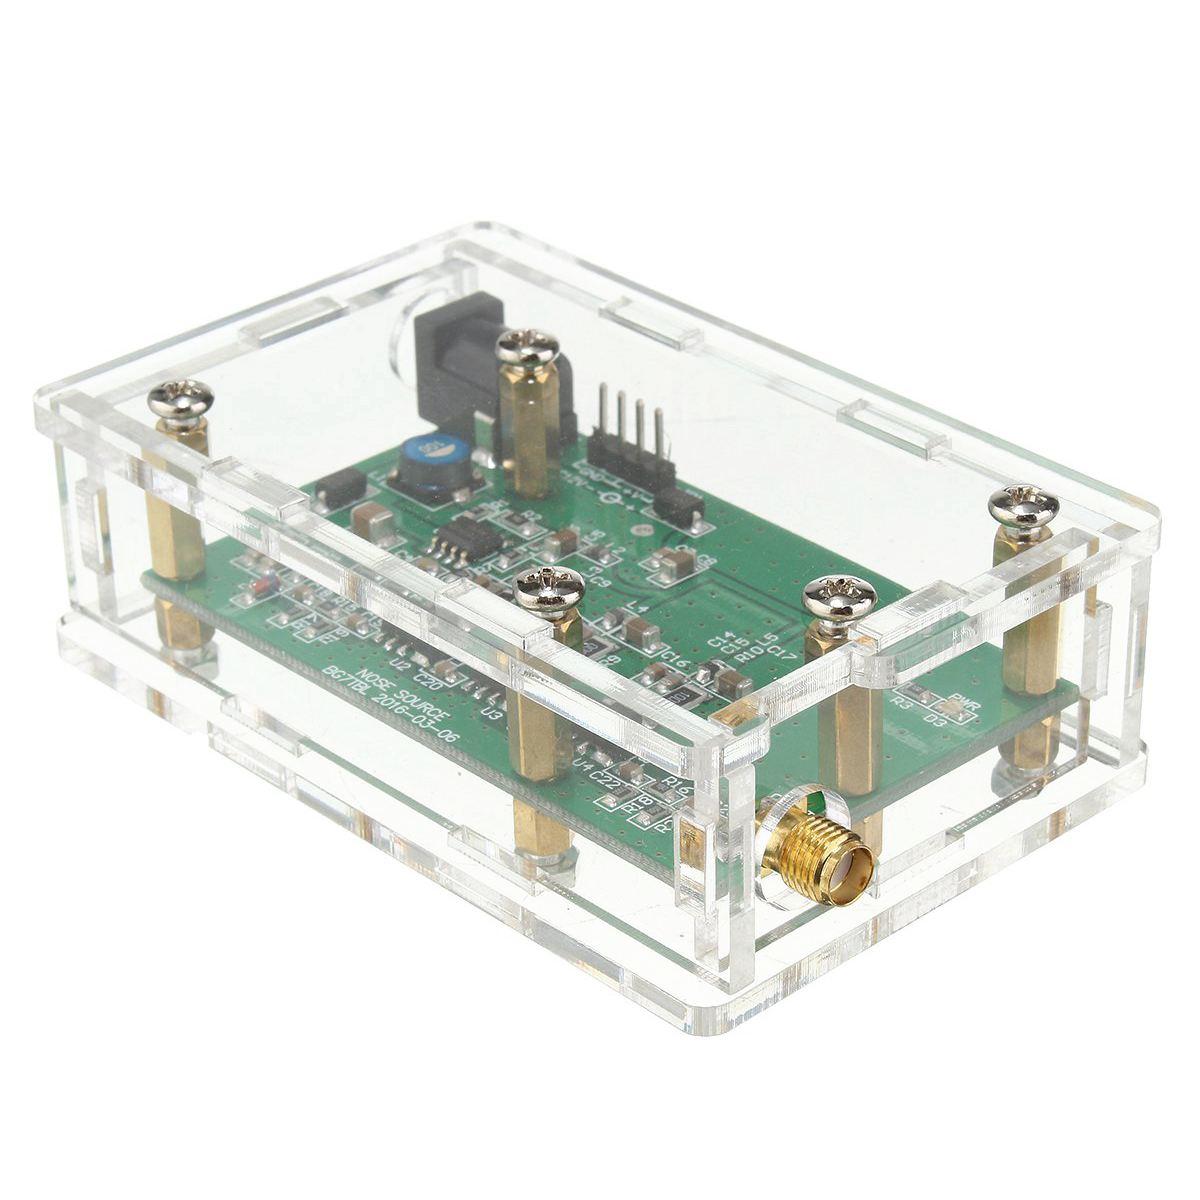 Noise Source Simple Spectrum External Generator Tracking SMSource + CaseNoise Source Simple Spectrum External Generator Tracking SMSource + Case